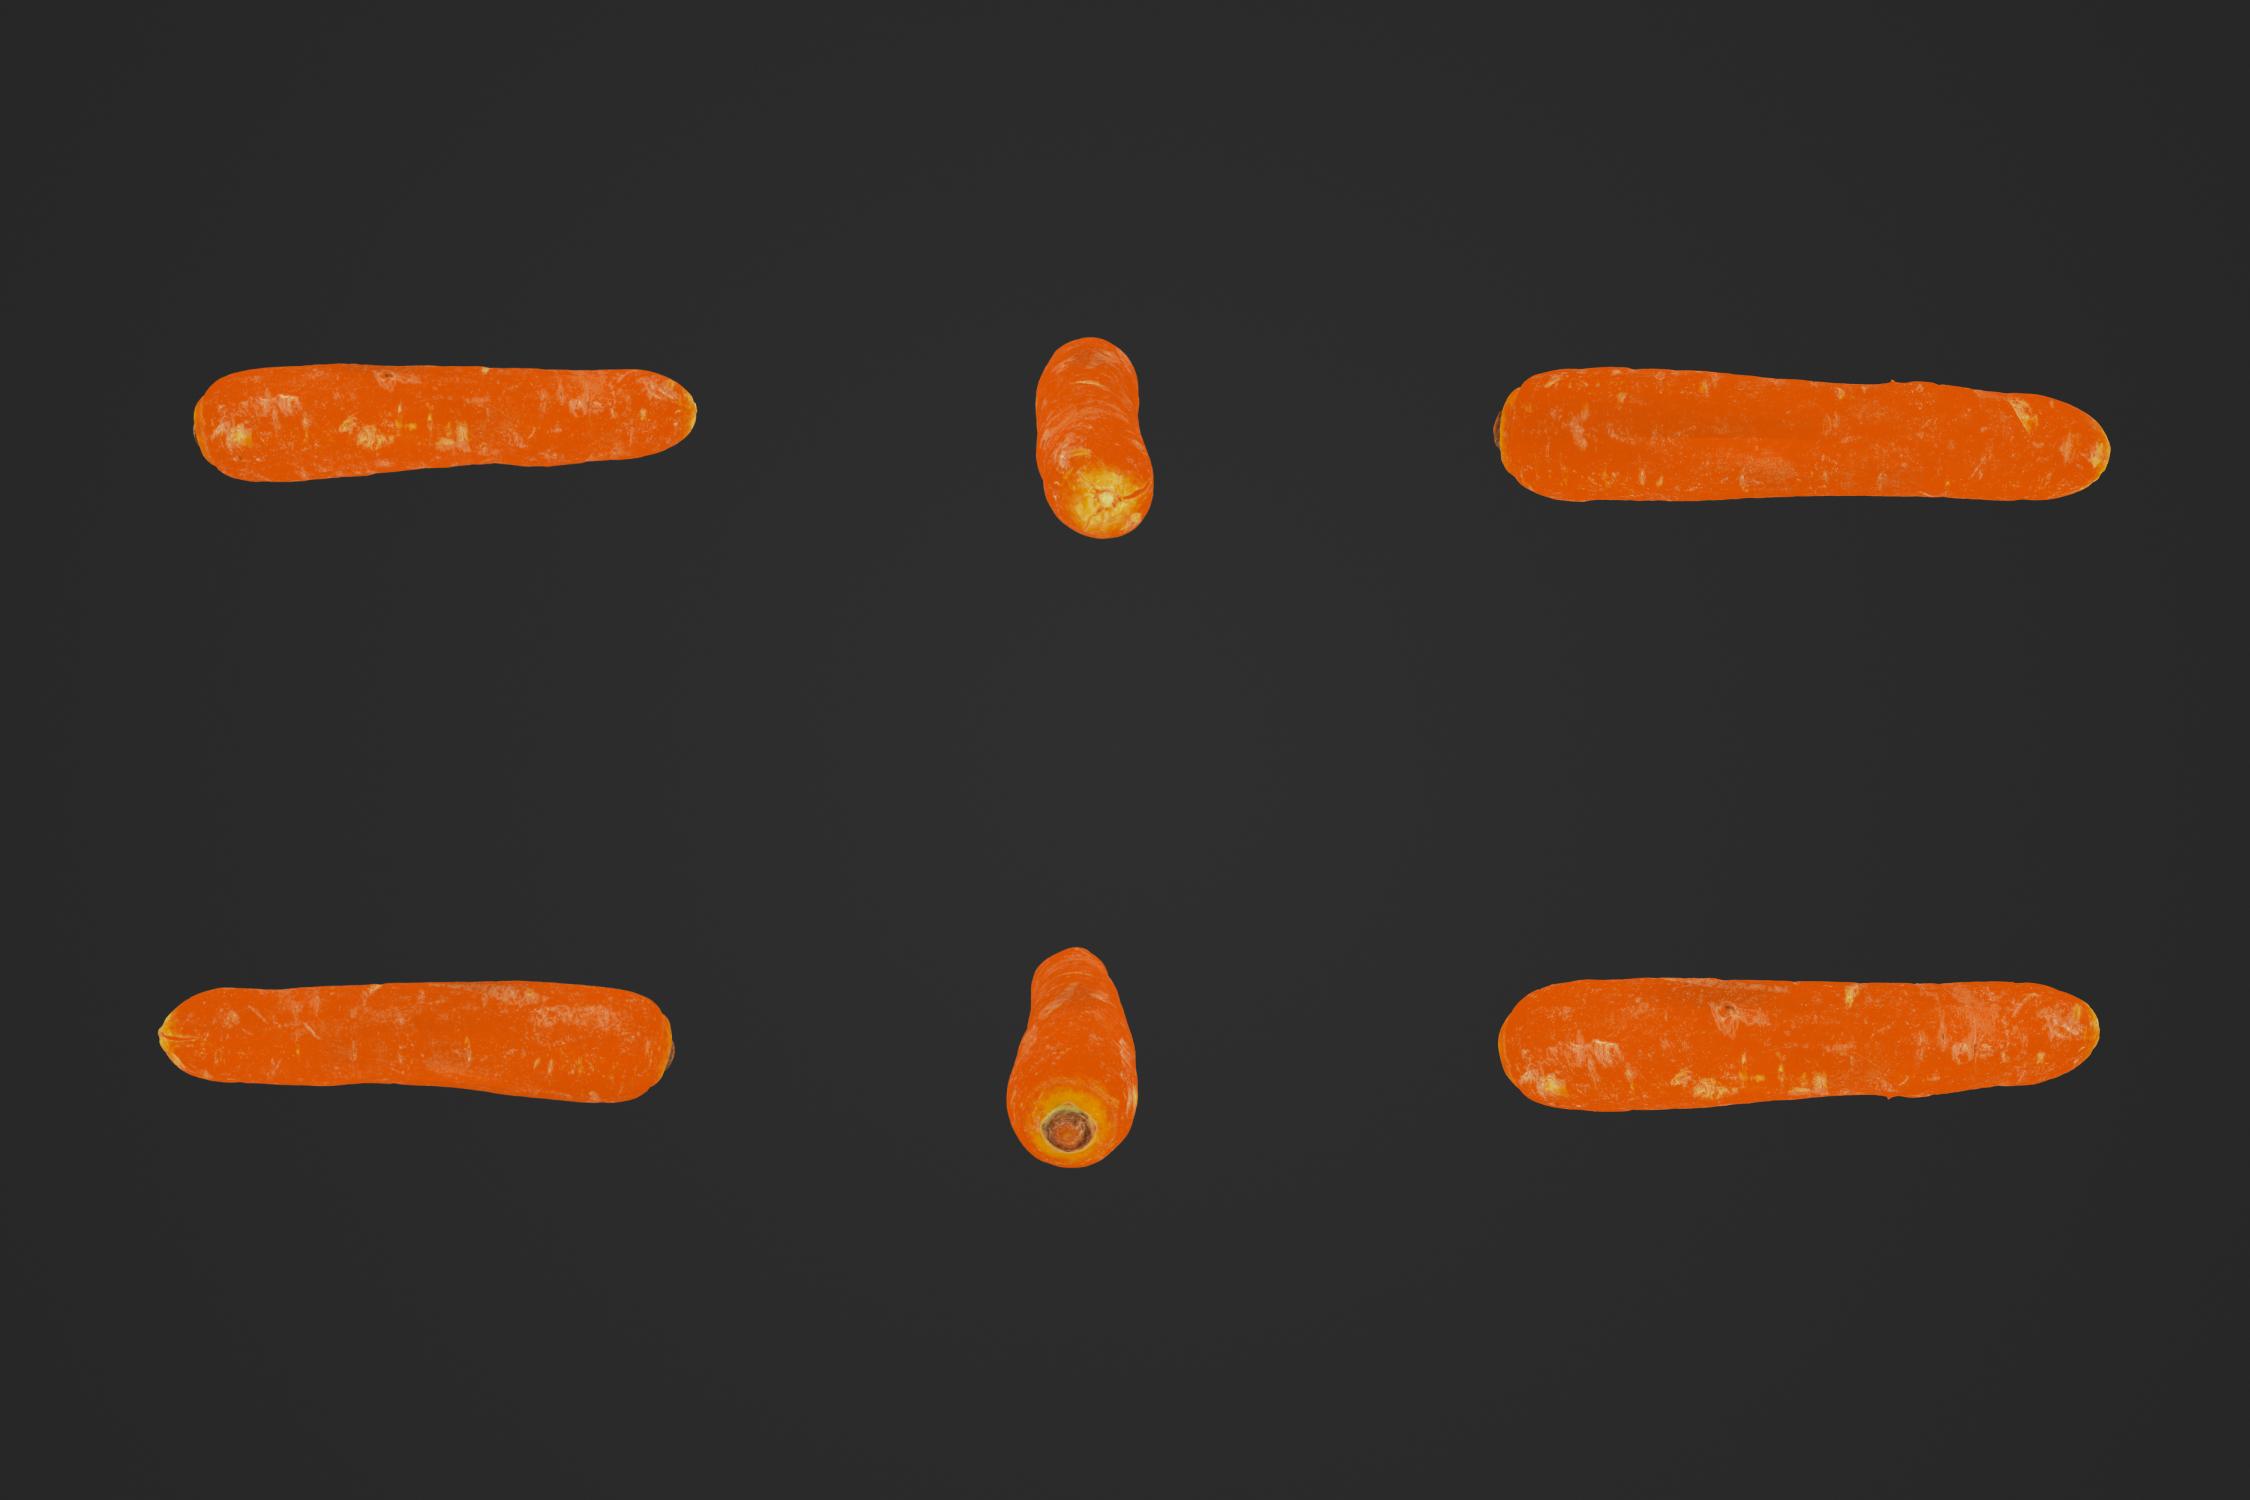 Carrot_01_1.jpg